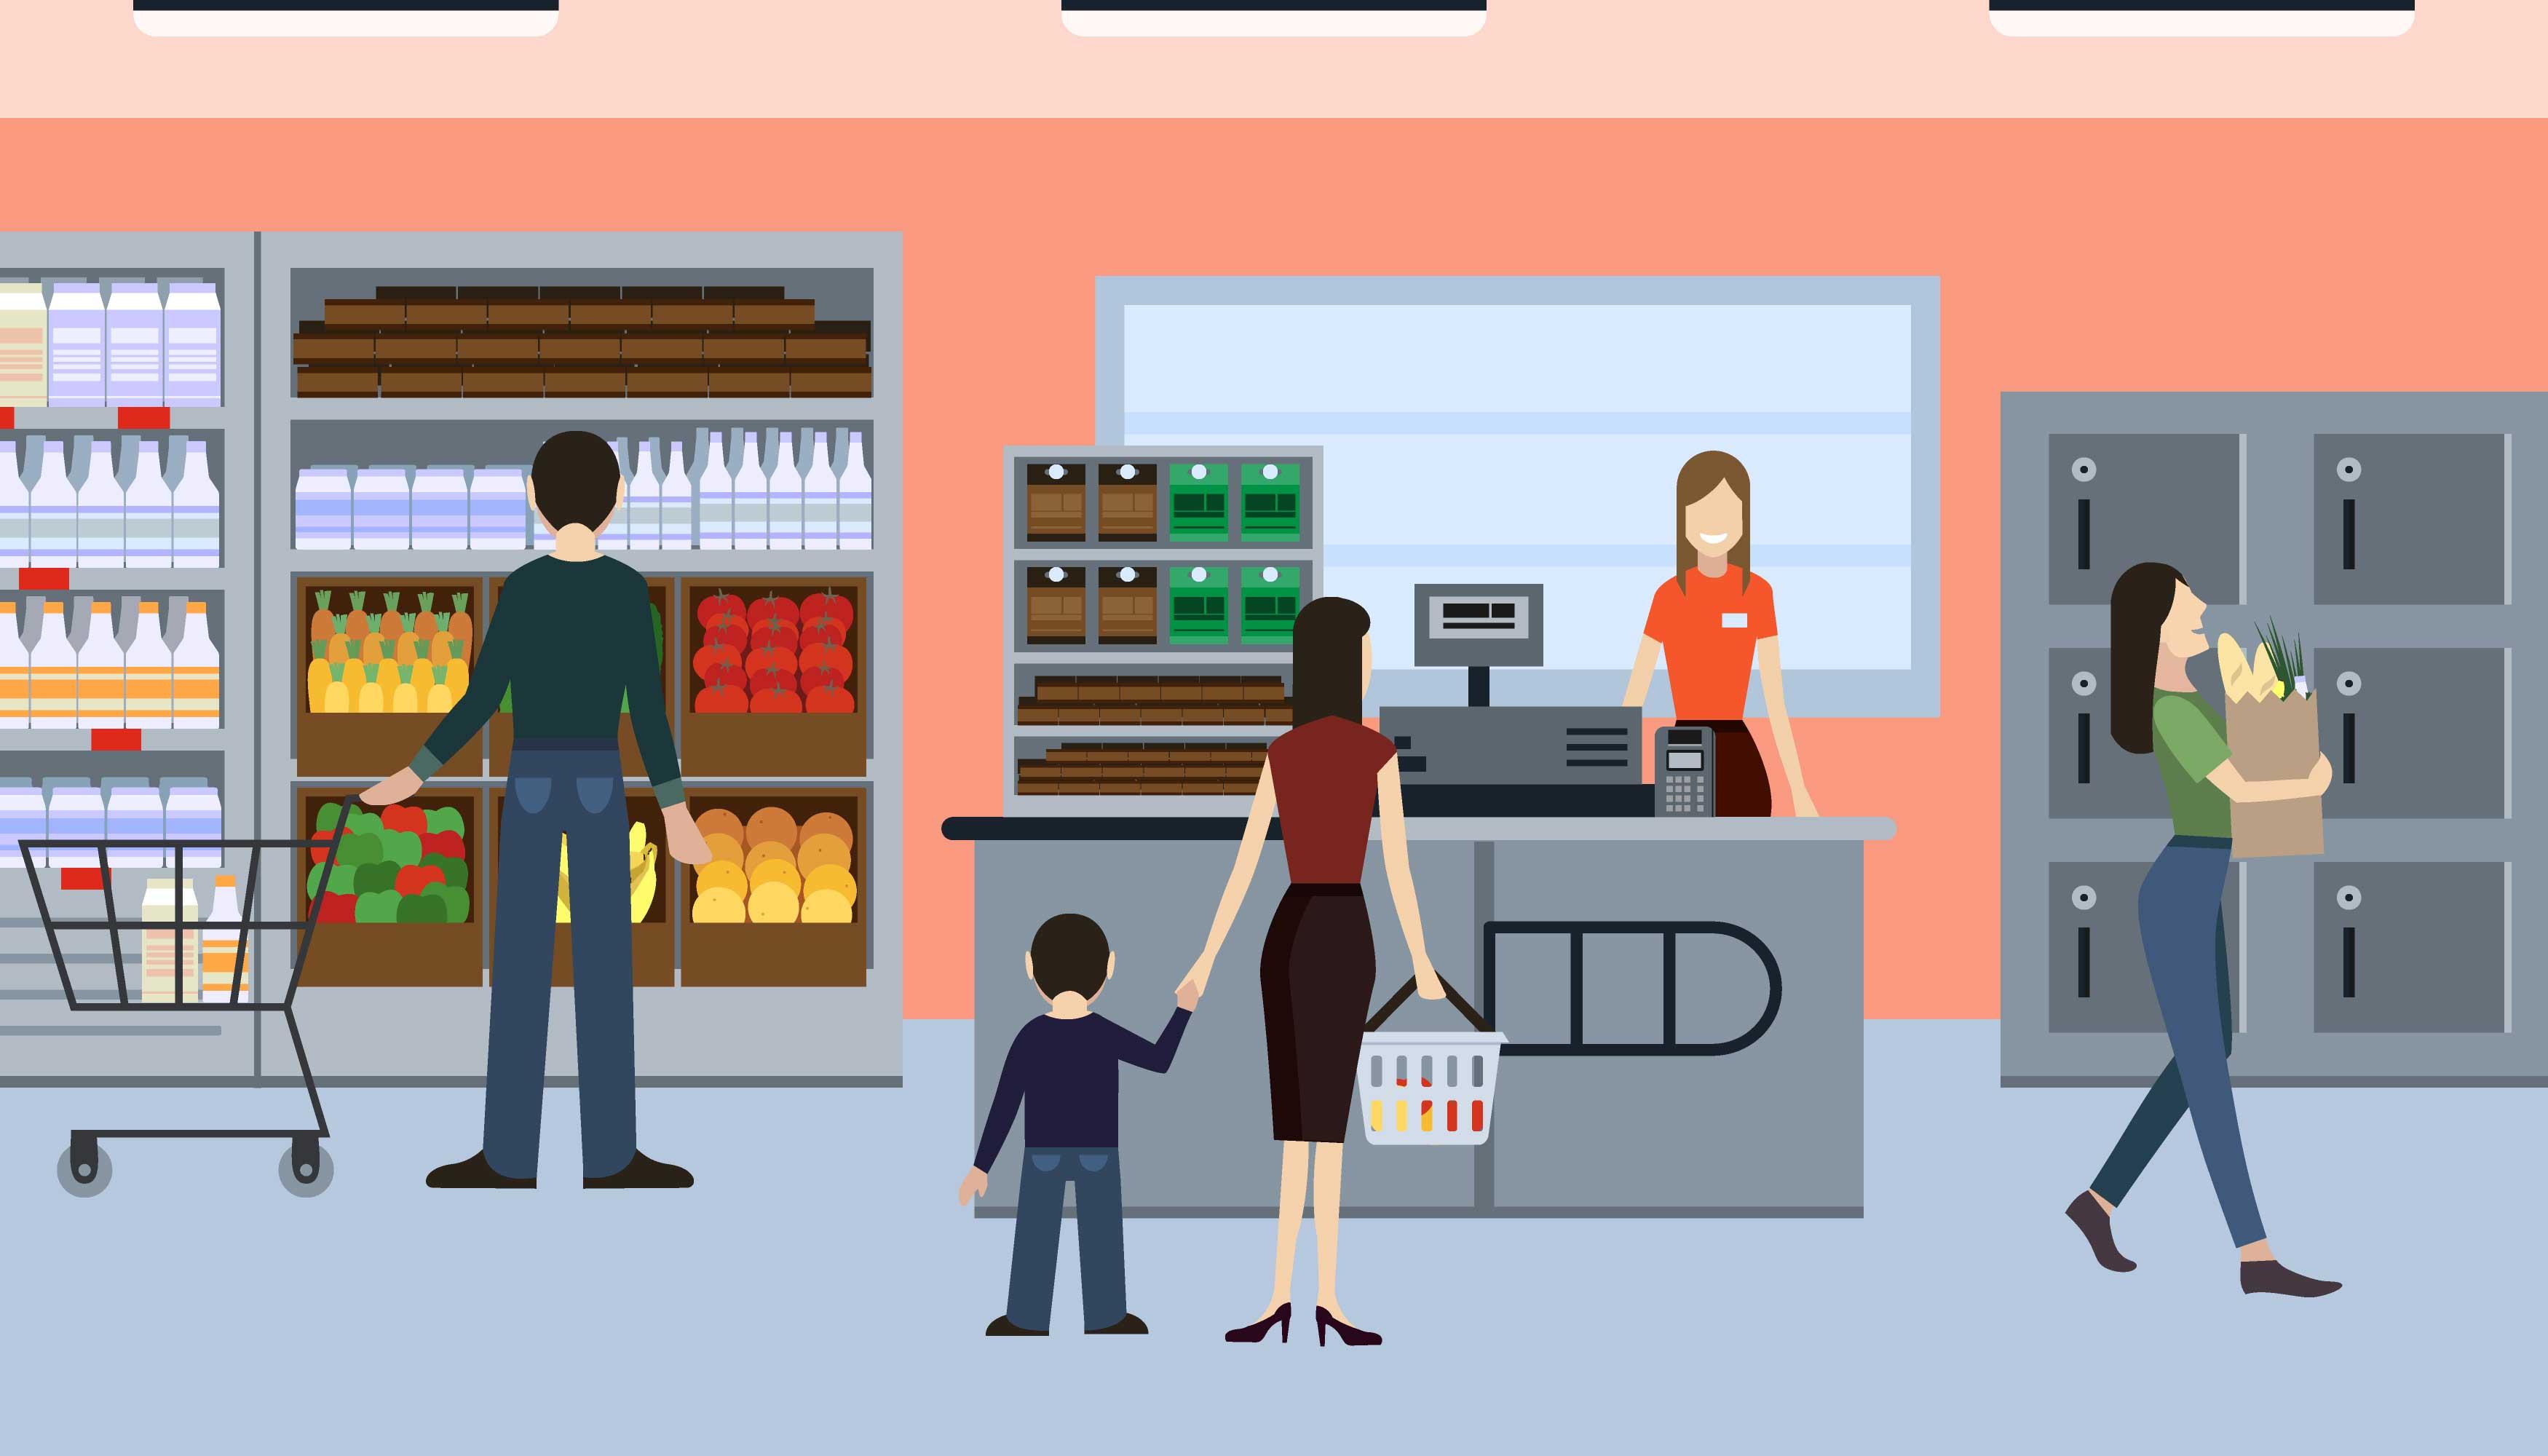 صندوق فروشگاهی برای فروشگاه شما